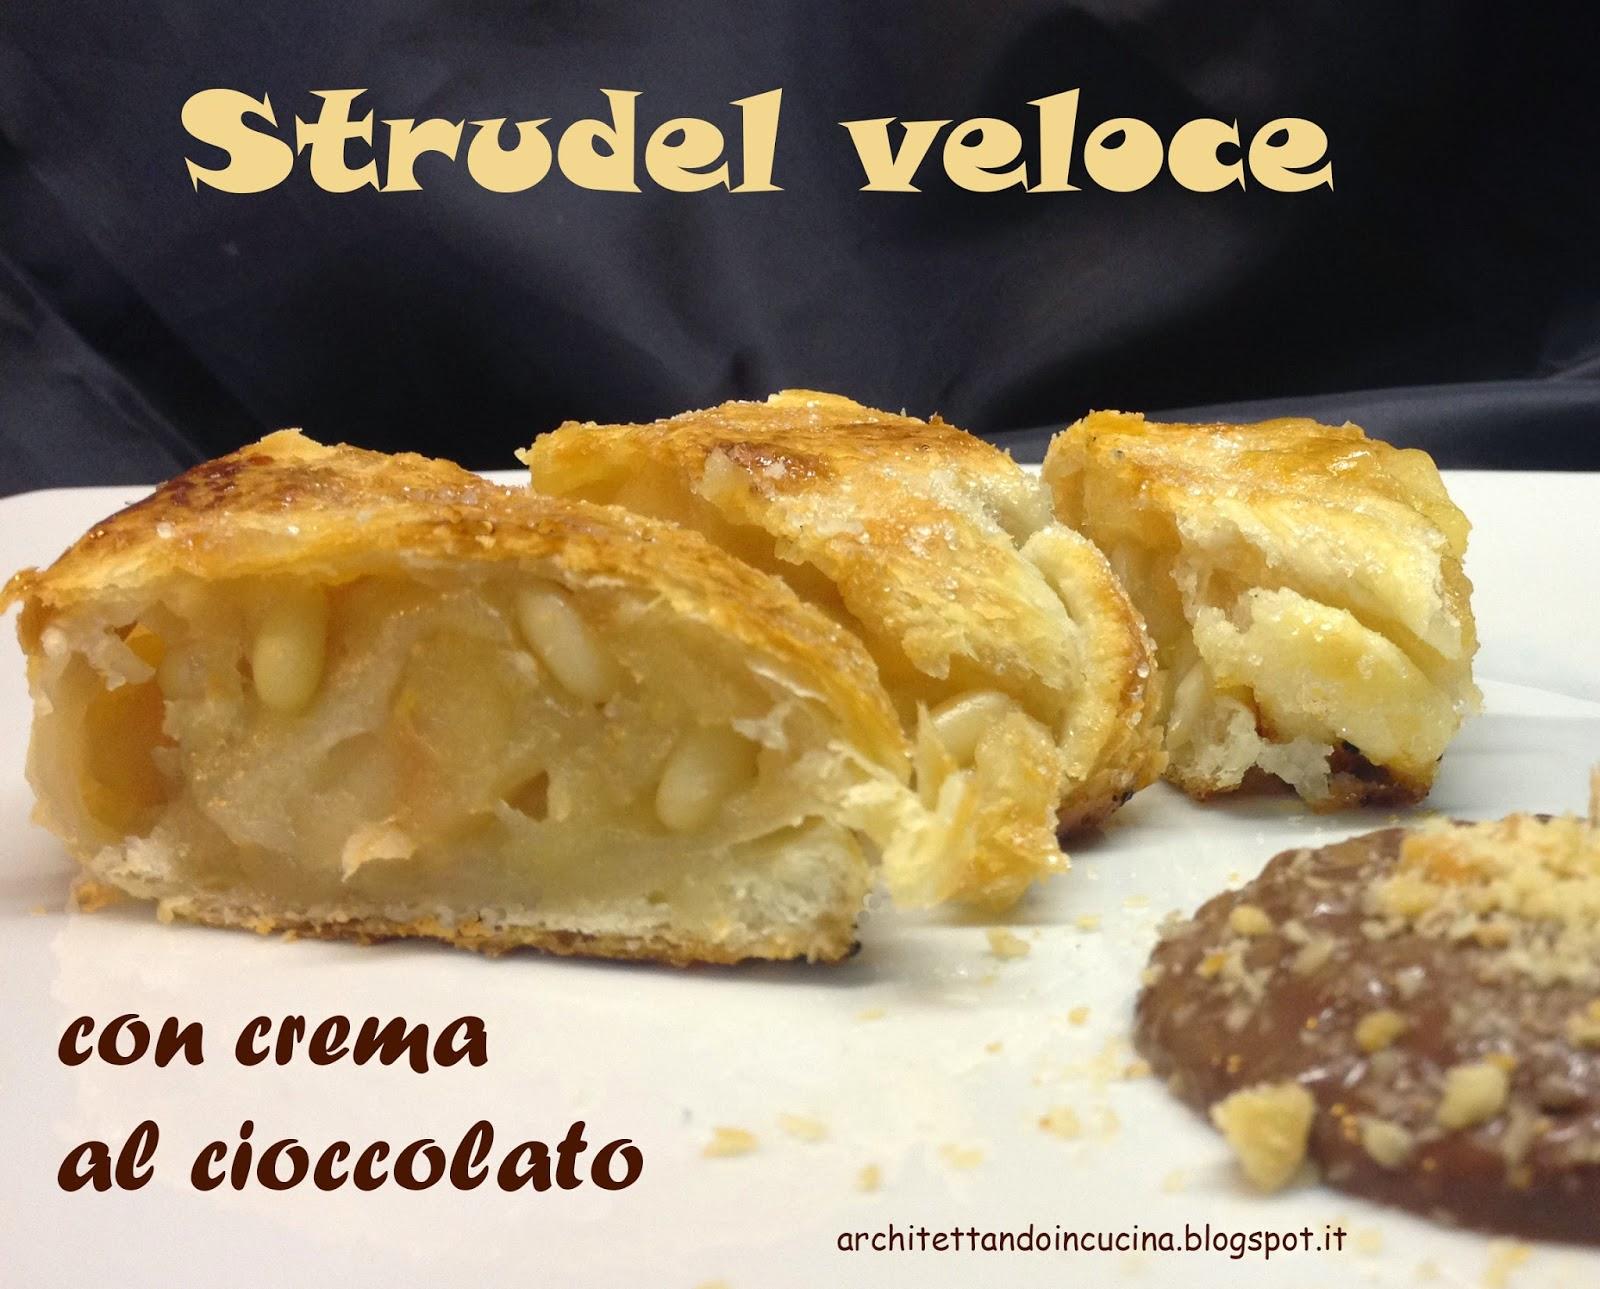 strudel veloce con crema al cioccolato